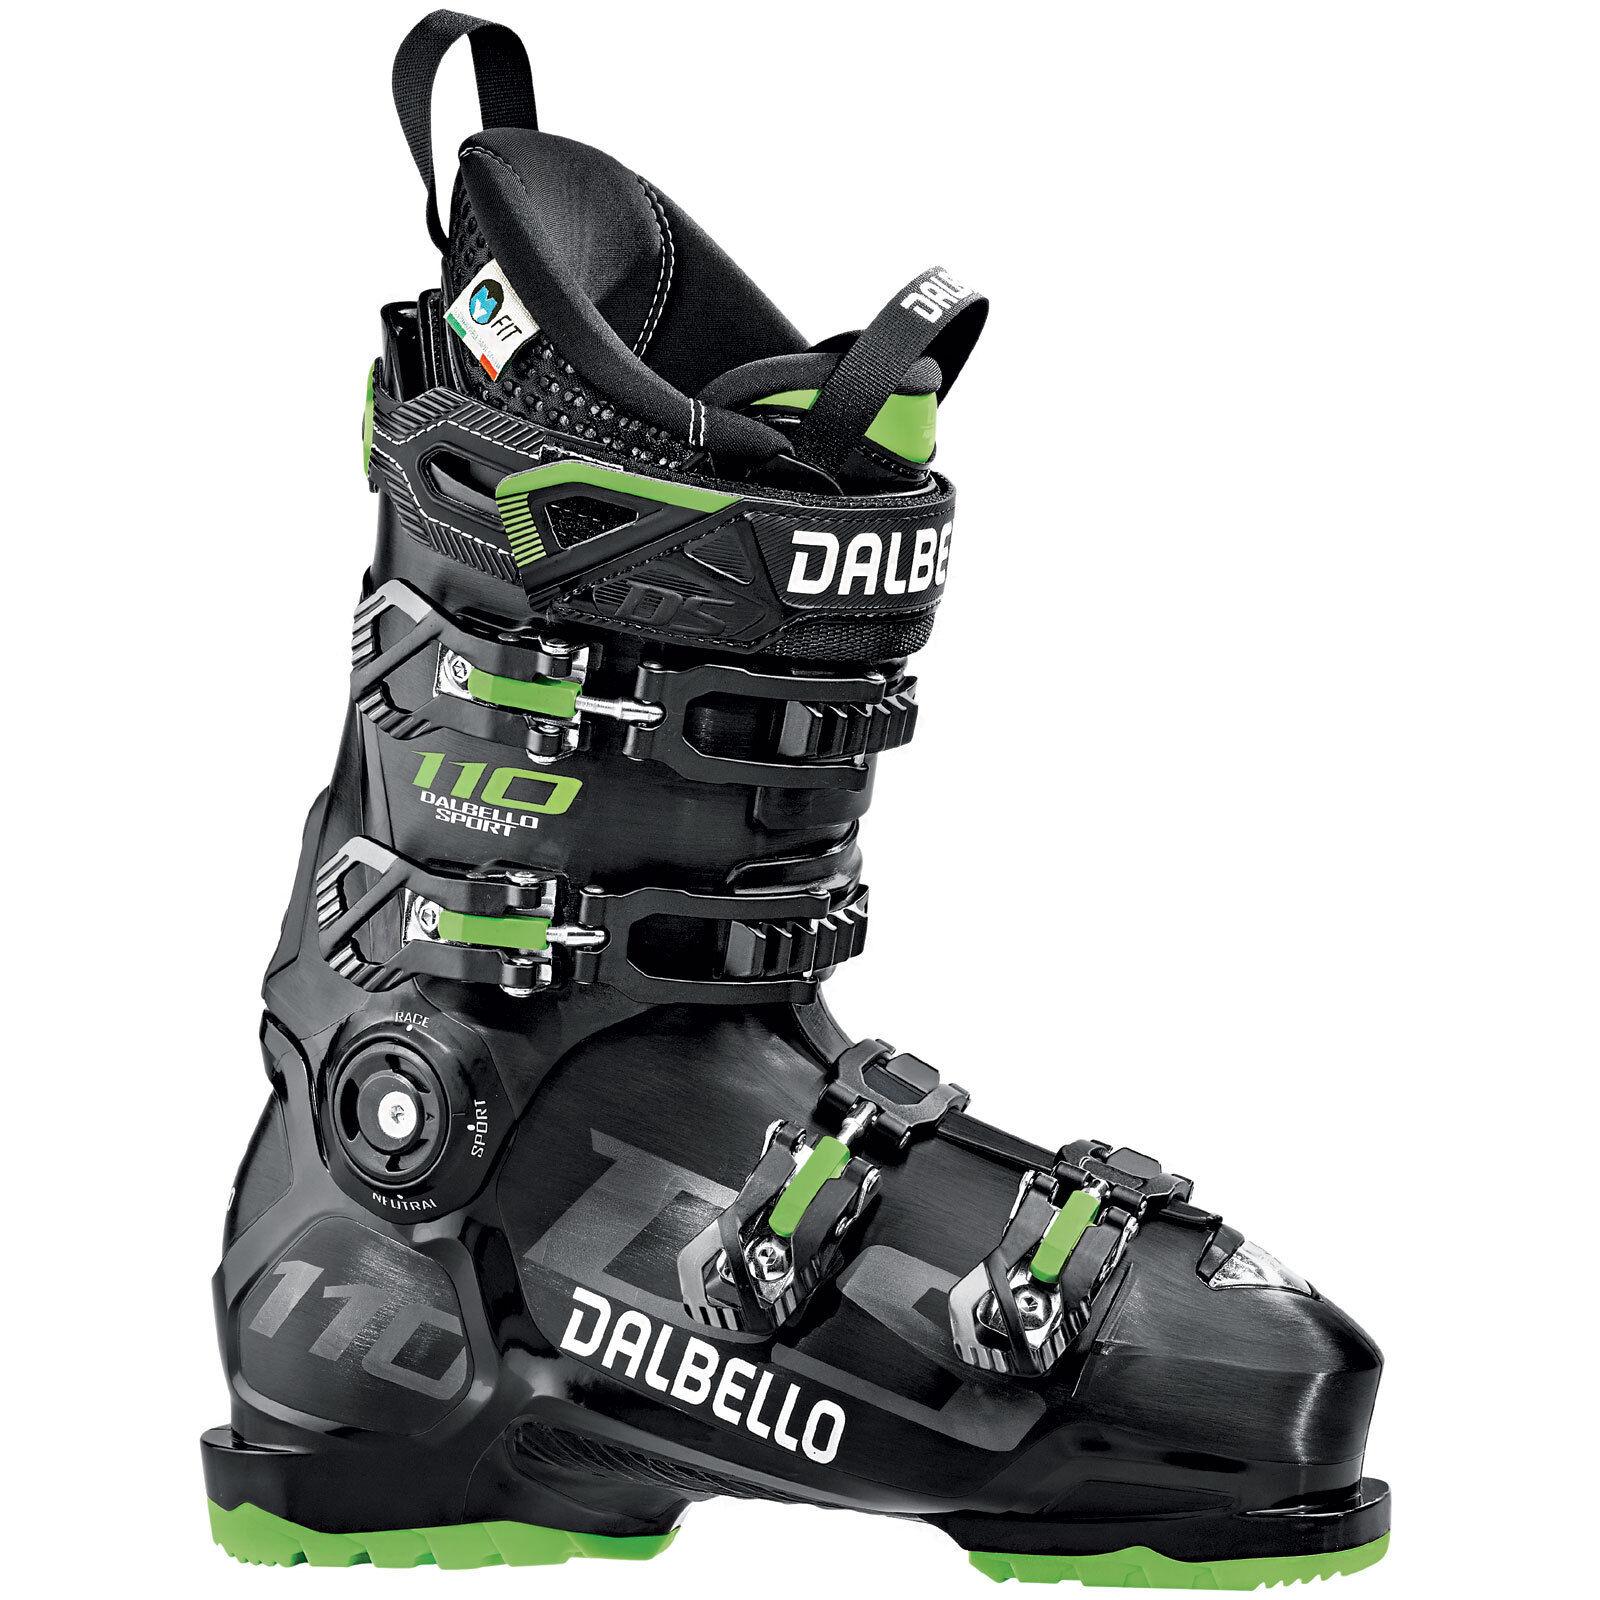 Dalbello Ds 110 Ms botas de Esquí para Hombre Esquiar Zapatos Alpino